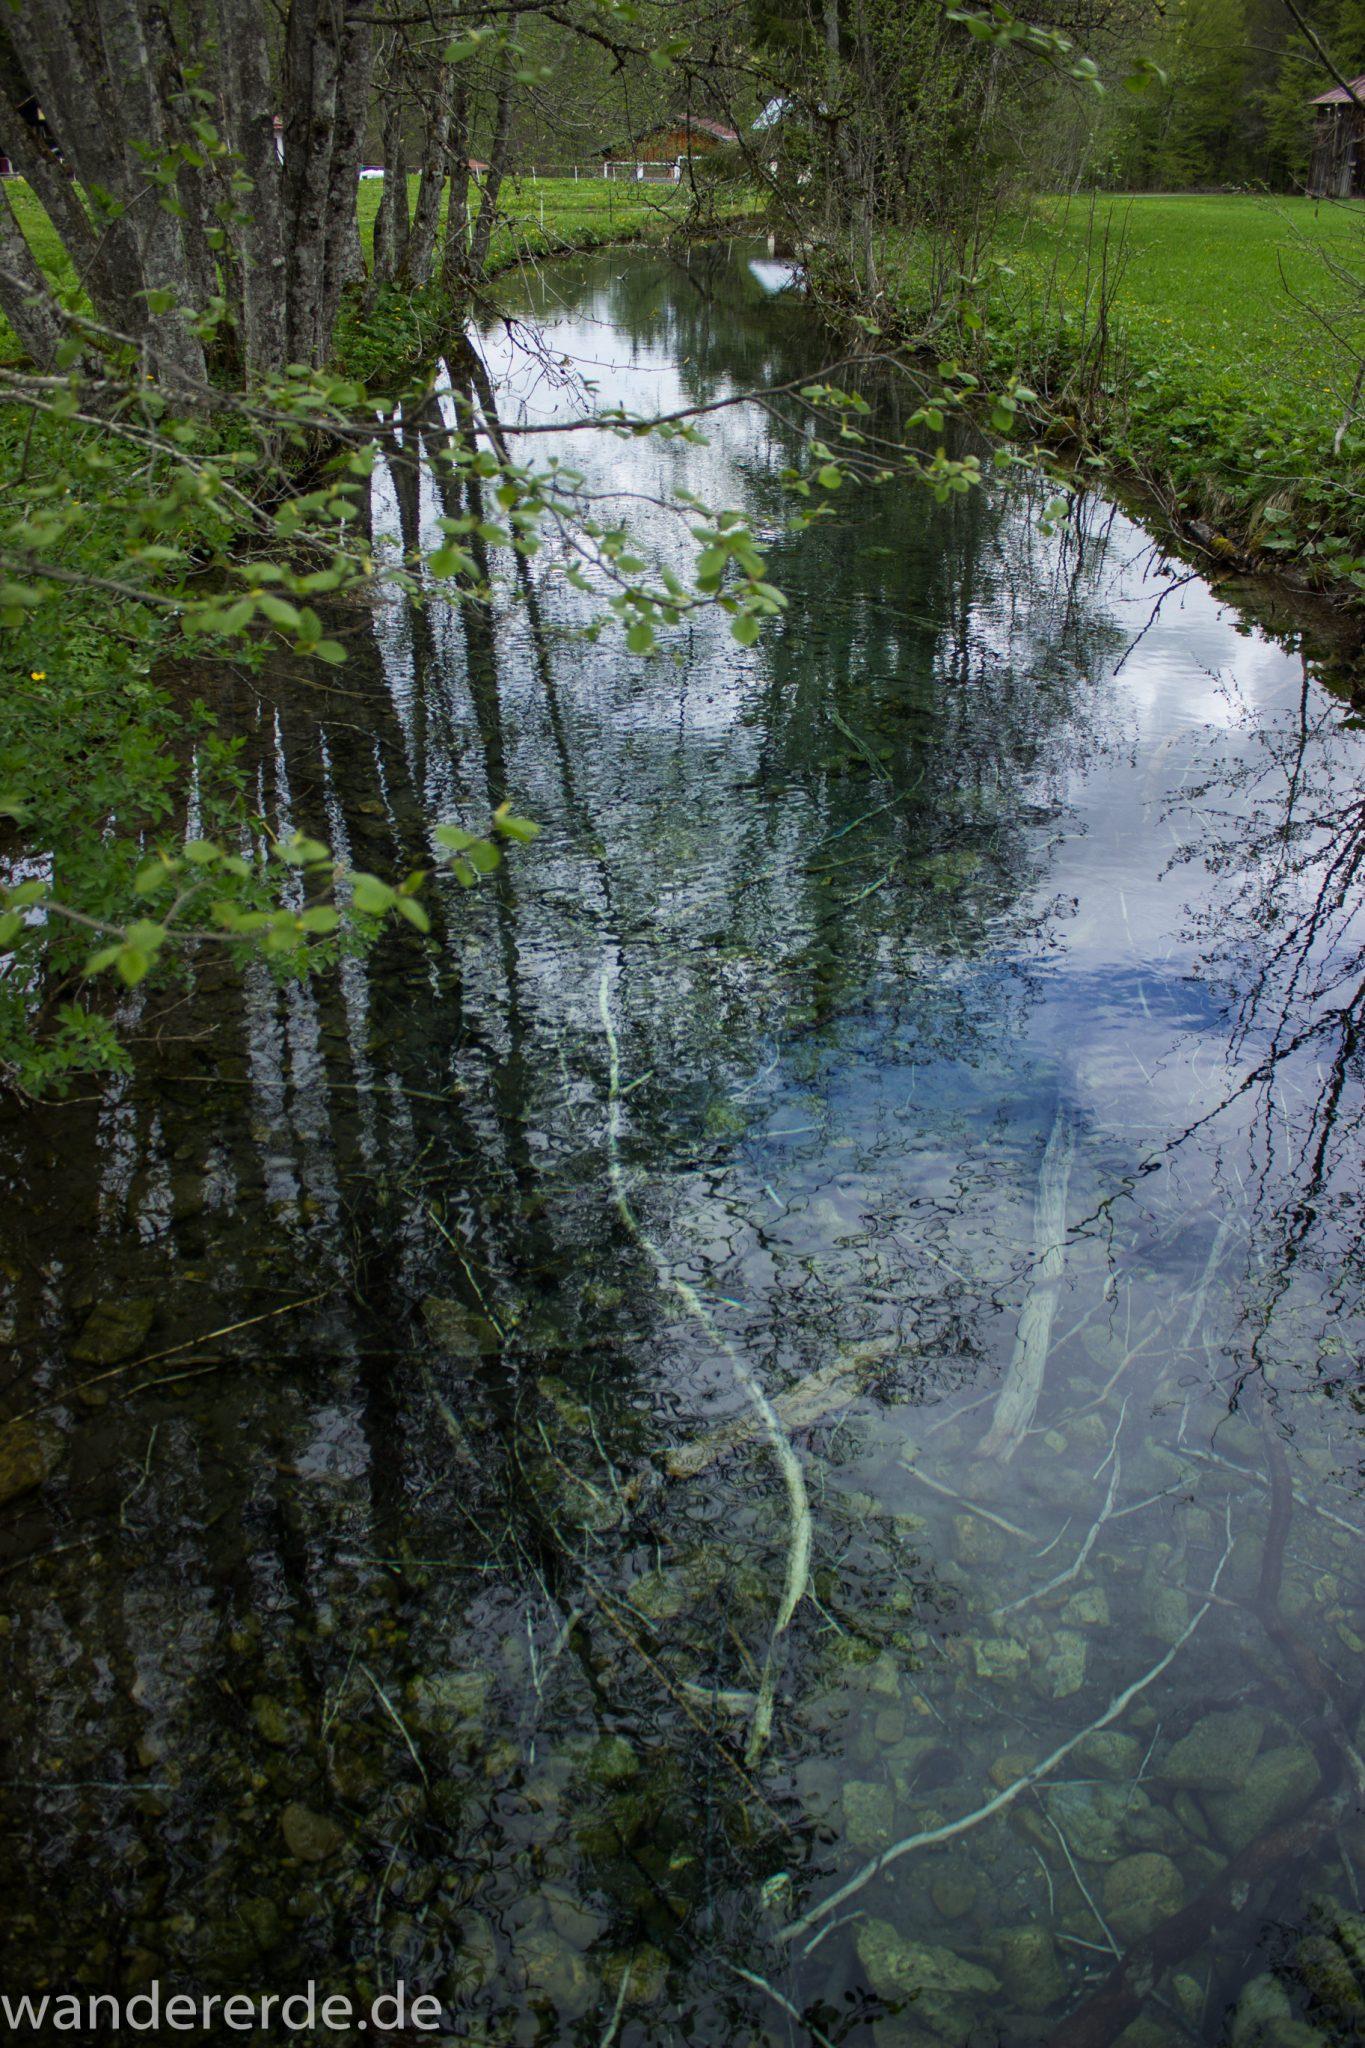 Wanderung Oberstdorf nach Gerstruben im Allgäu, Bayern, Wanderweg durch das Trettachtal zum Christlessee, kristallklares Wasser, sattgrüne Wälder und Wiesen, Frühling in den Bergen